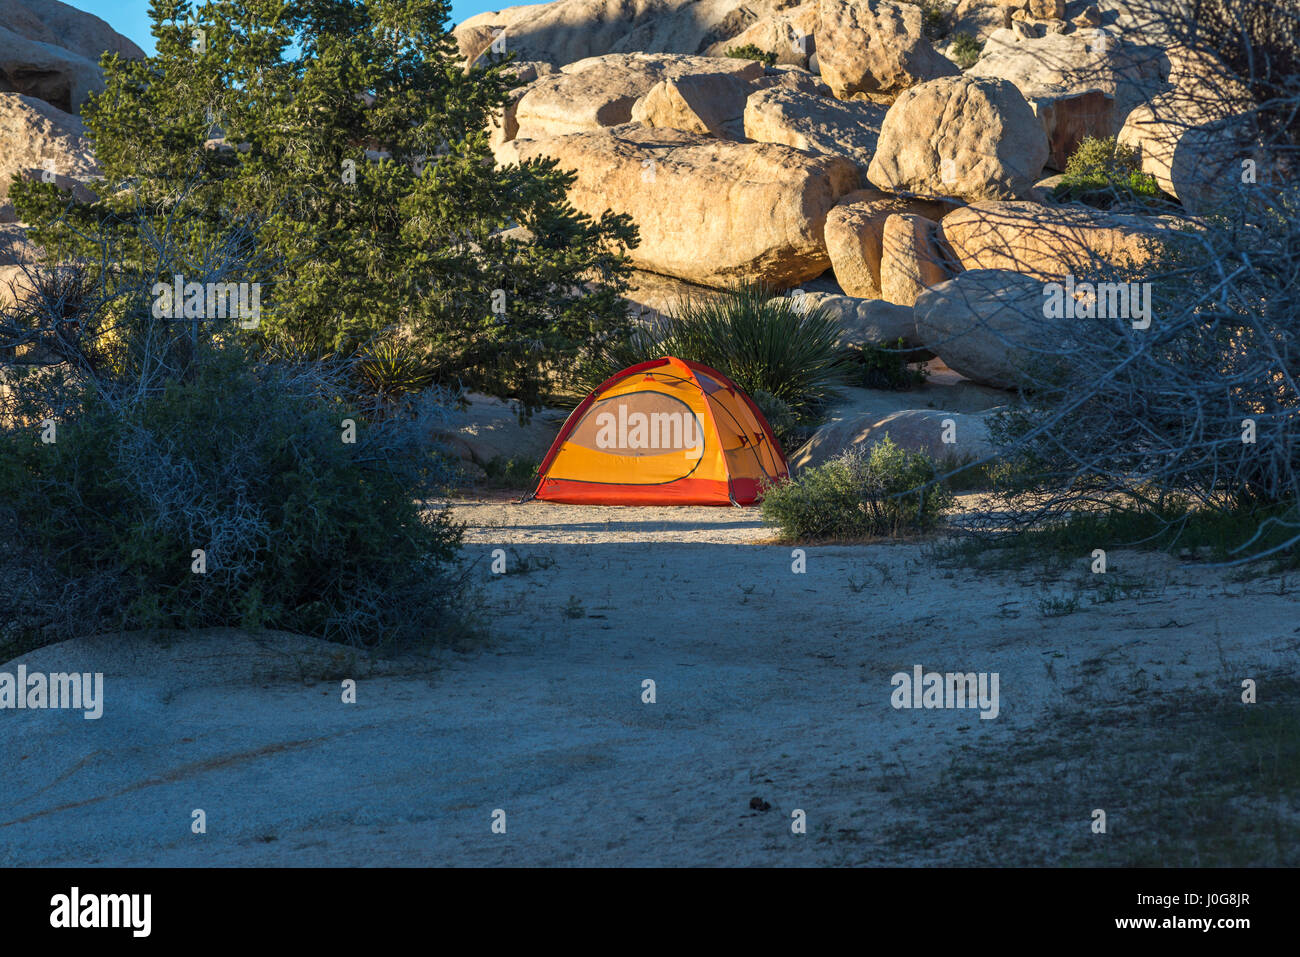 Tienda de acampar en el Parque Nacional de Joshua Tree, en California, Estados Unidos. Imagen De Stock